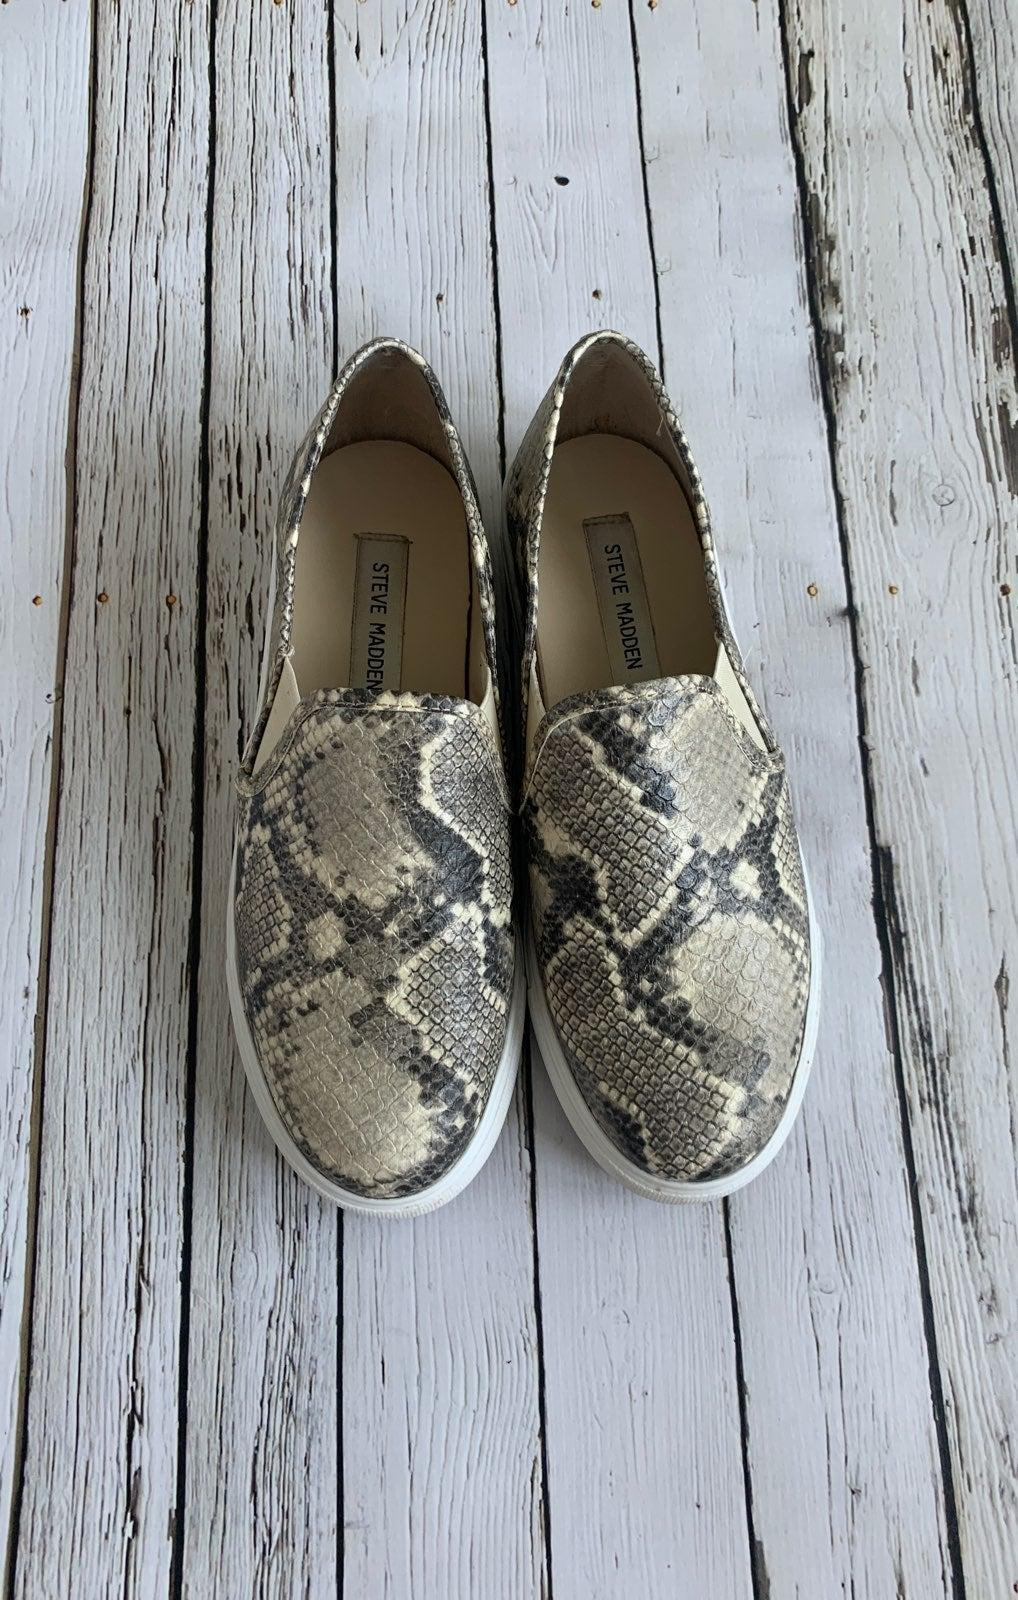 Steve Madden Snakeskin Tennis Shoes